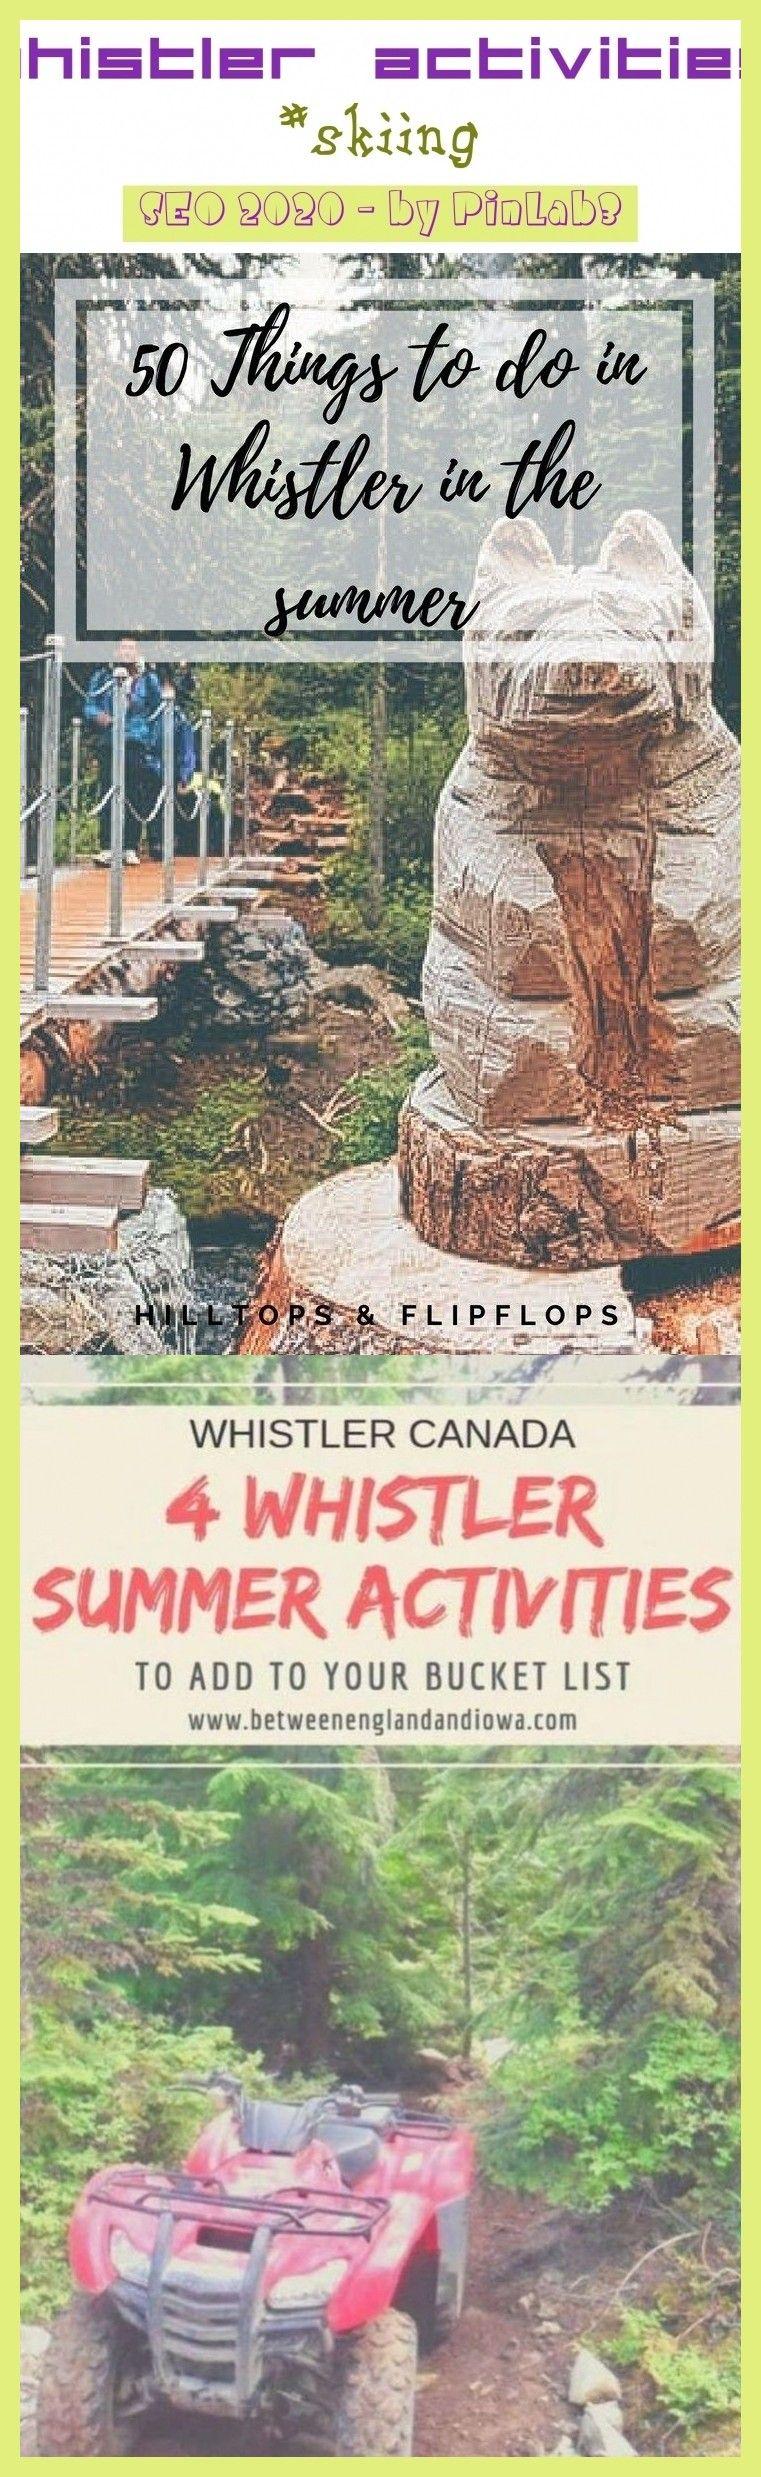 whistler activities whistler winter, whistler canada, whistler summer, whistler outfit, whistler ar